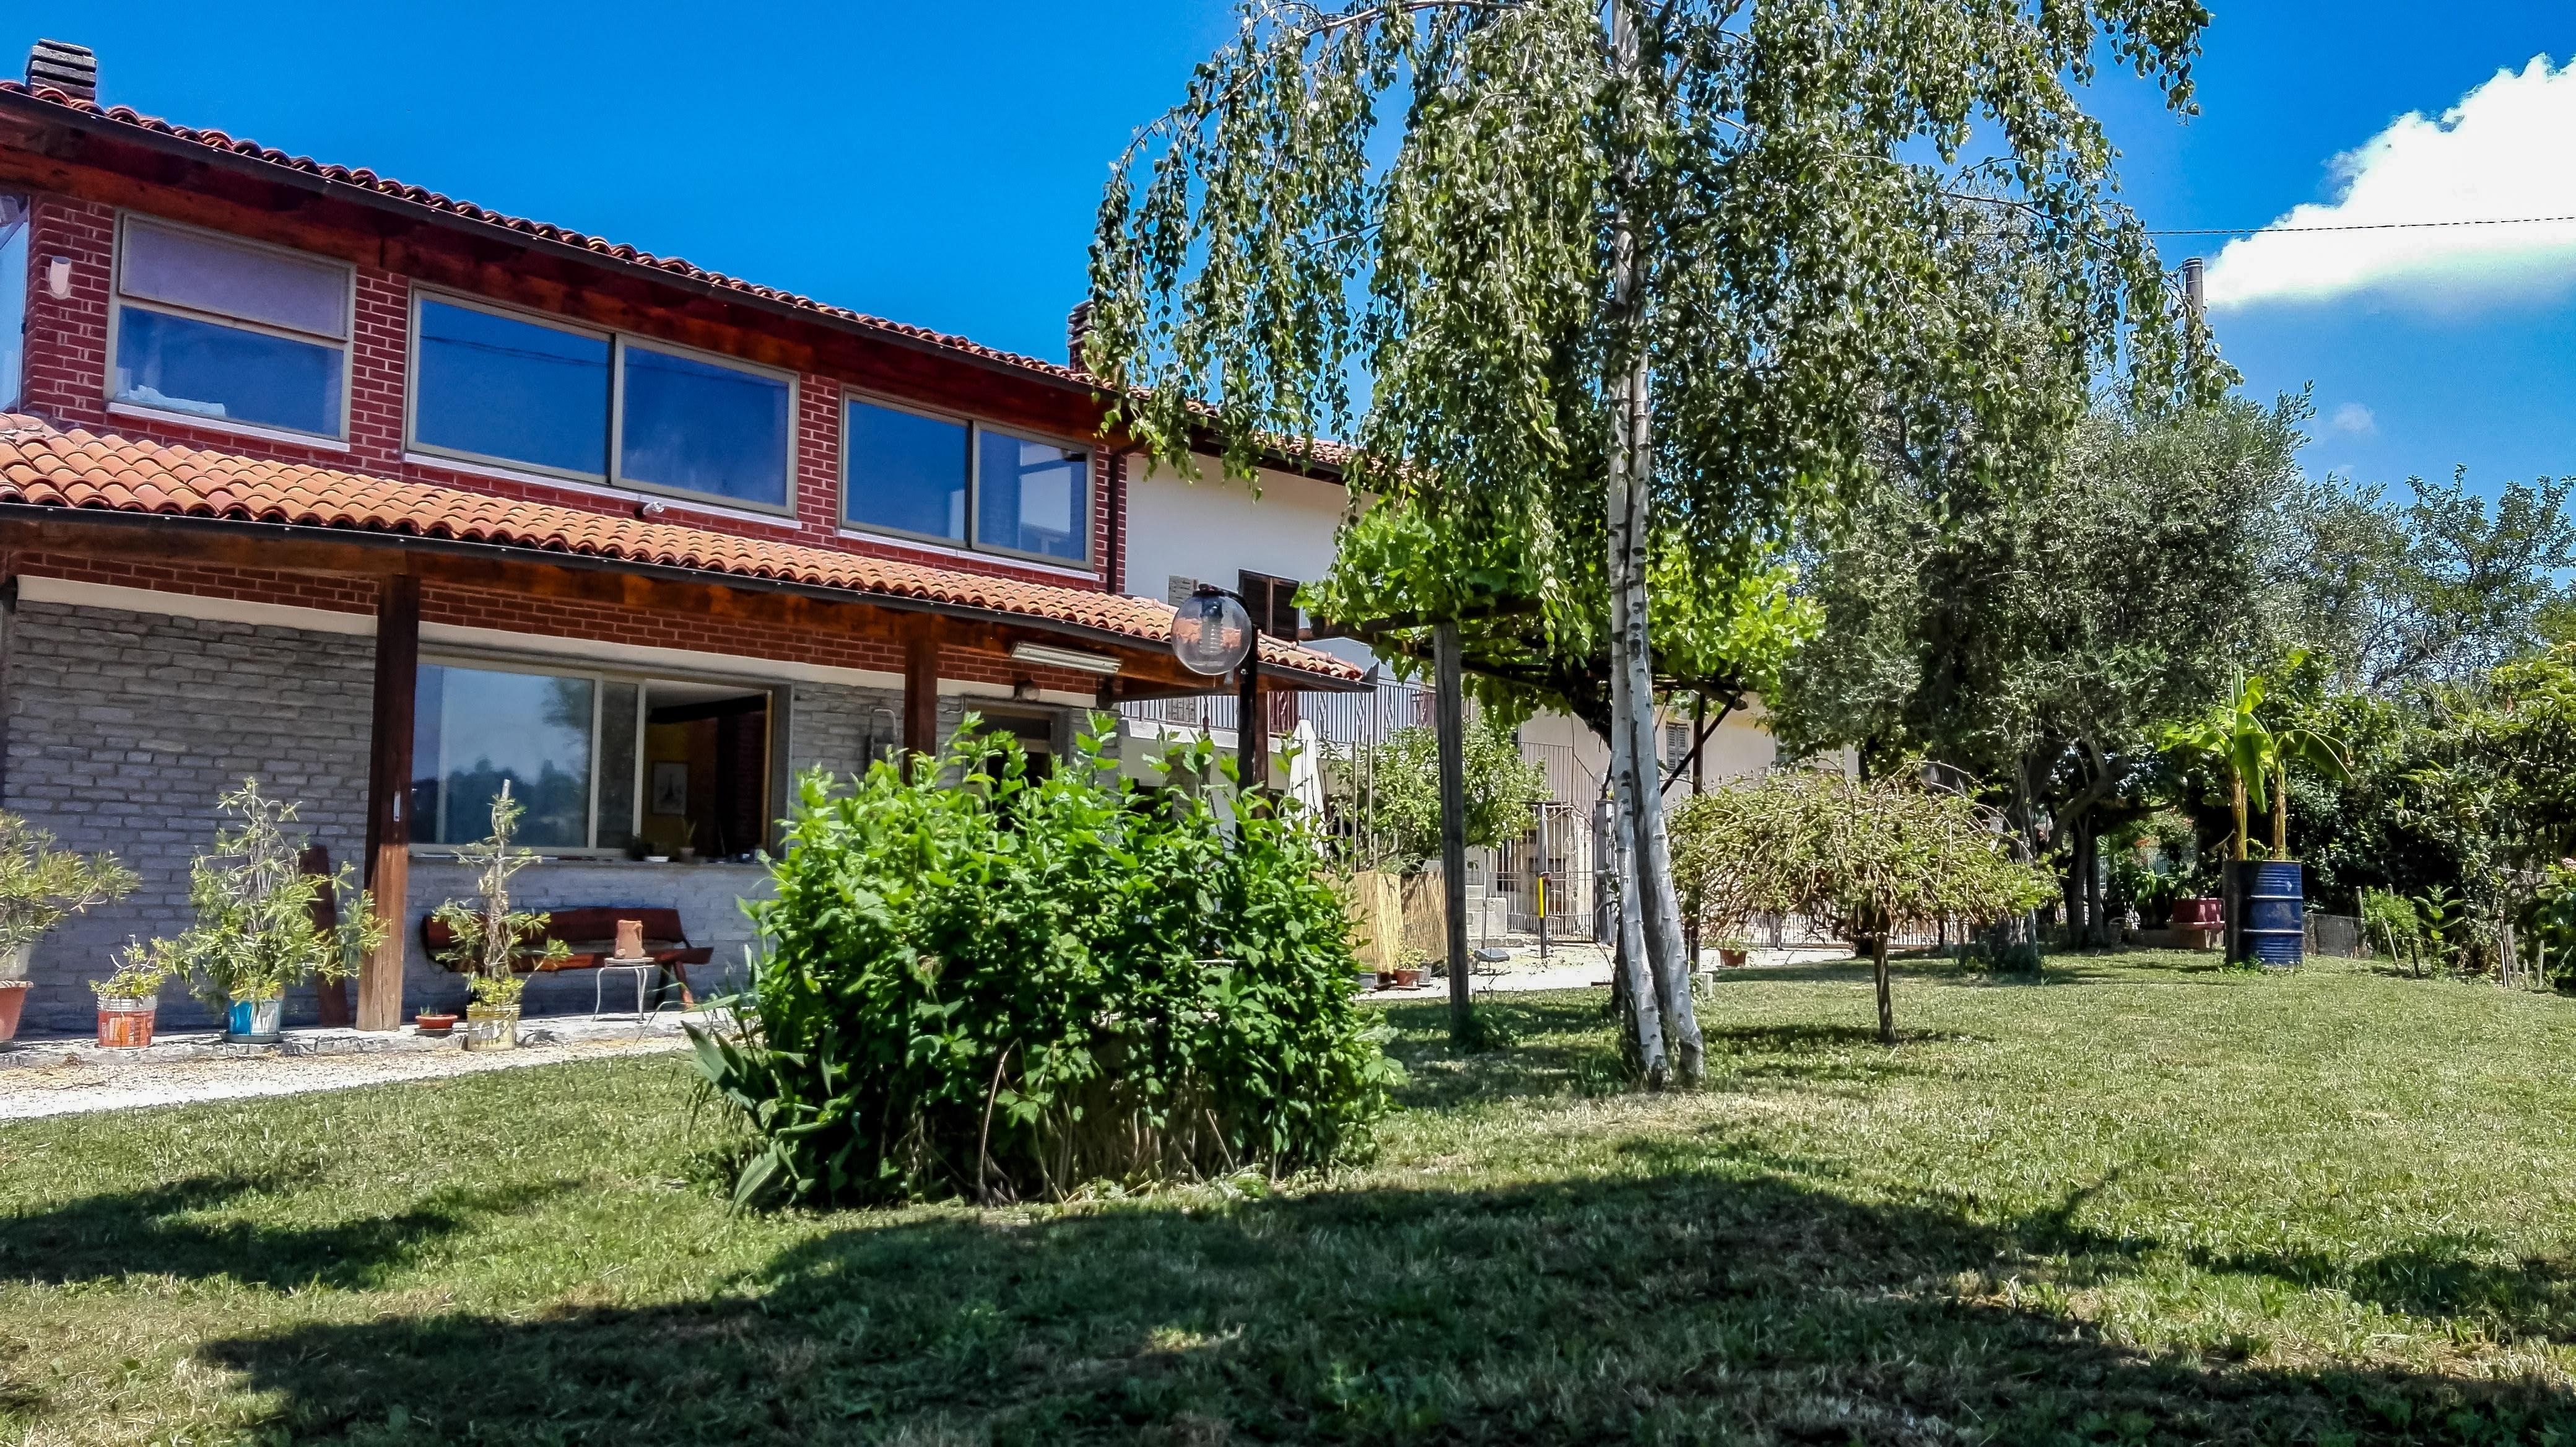 La Veranda Di Campagna casa belvedere - houses for rent in dogliani, piemonte, italy